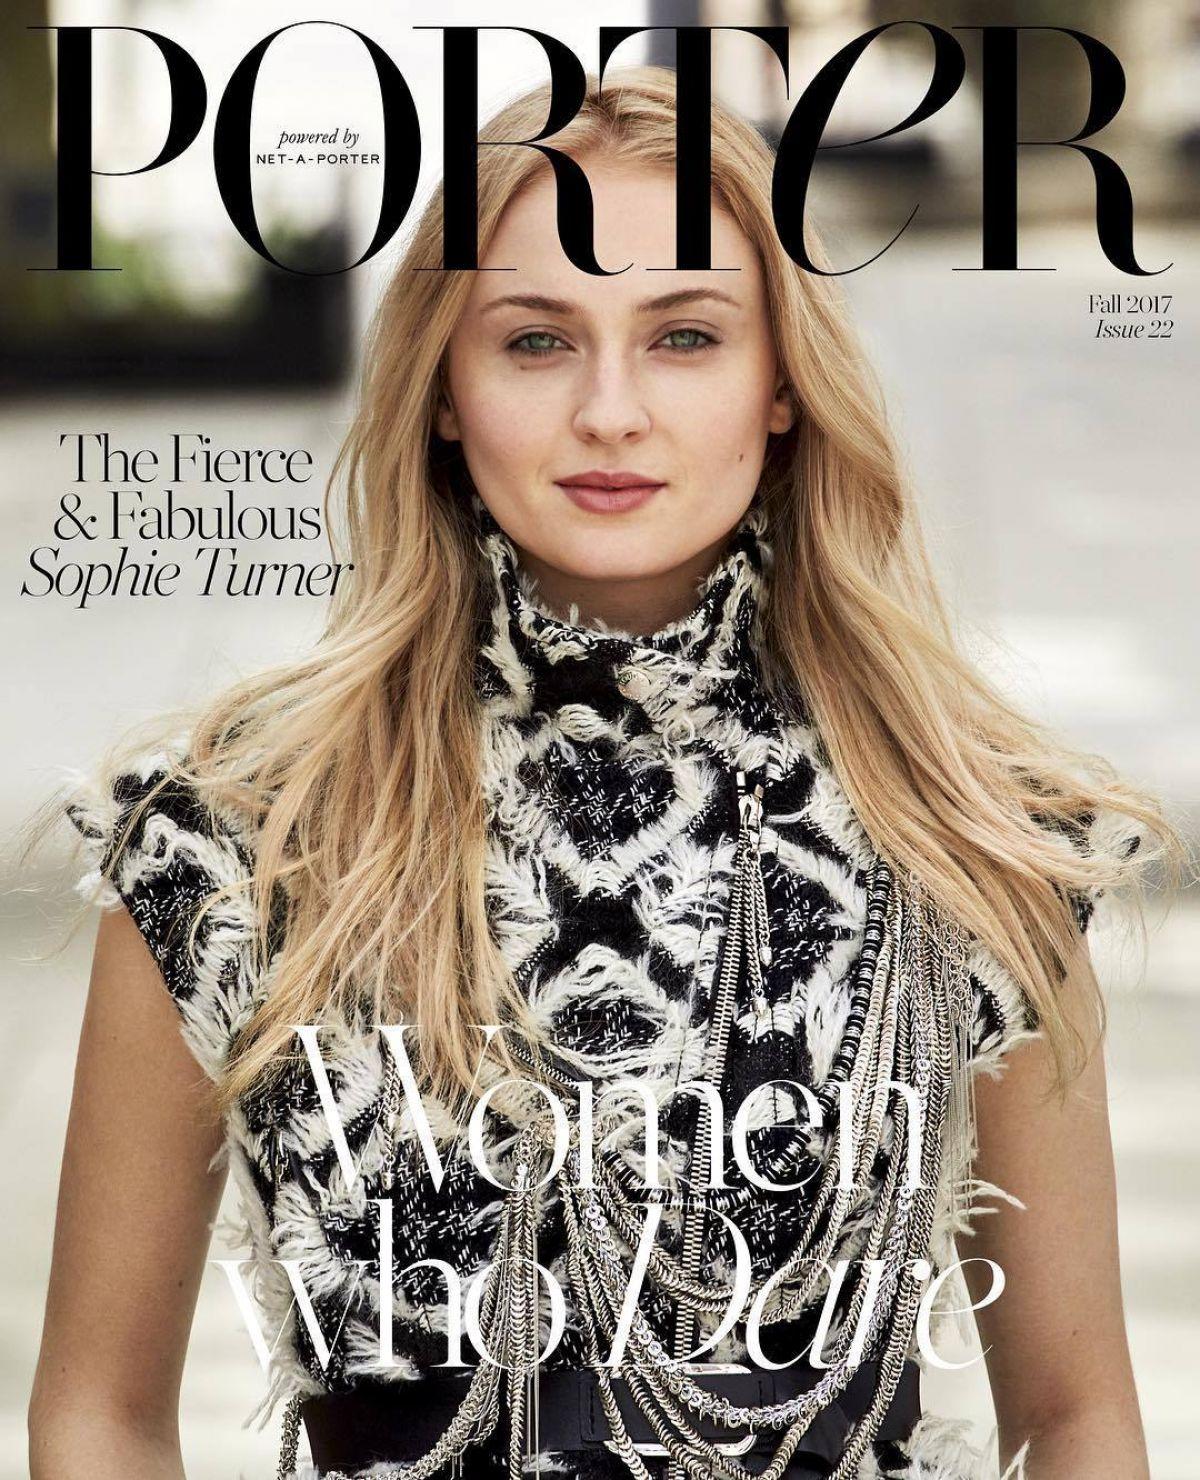 SOPHIE TURNER for Porter Magazine, Issue 22 Fall 2017